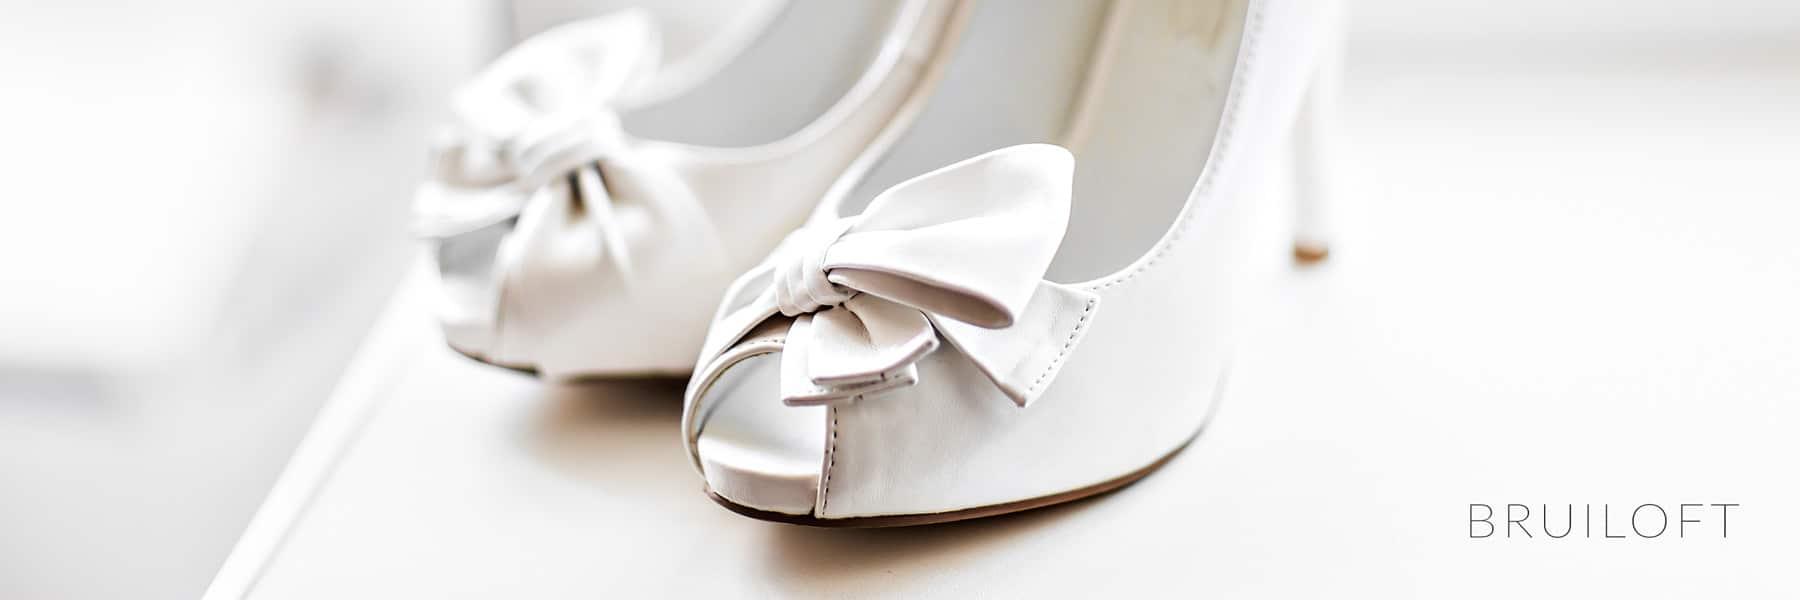 Grafische vormgeving voor particulieren: Bruiloft - je mooiste dag echt persoonlijk en bijzonder maken